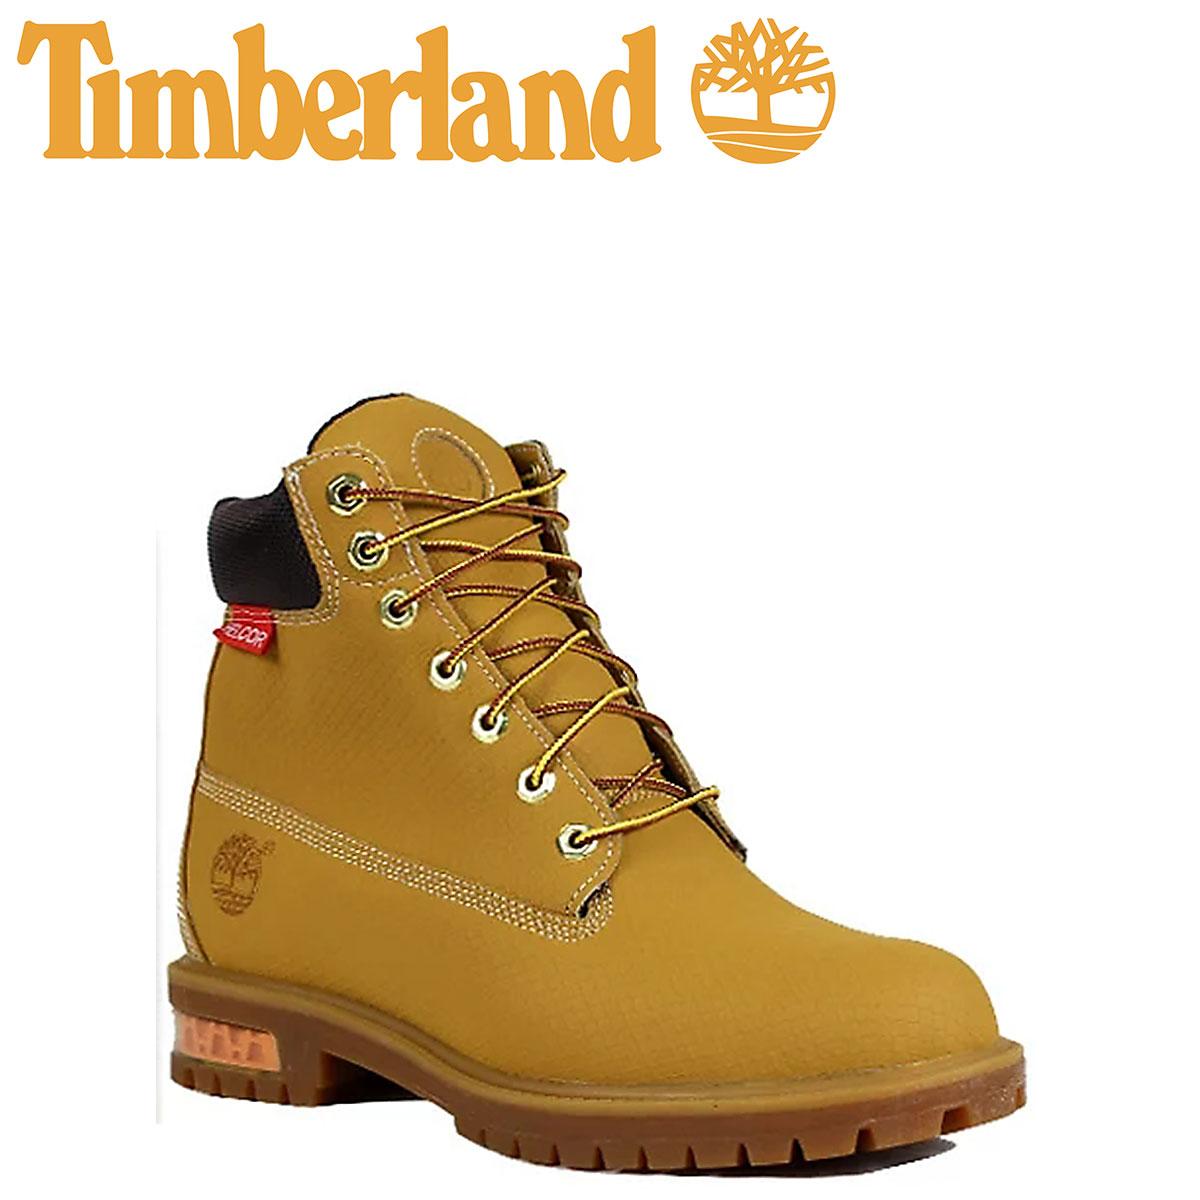 ティンバーランド Timberland ブーツ メンズ 6インチ 6INCH PREMIUM HELCOR BOOTS プレミアム ヘルコ ブーツ 6405R ウィート